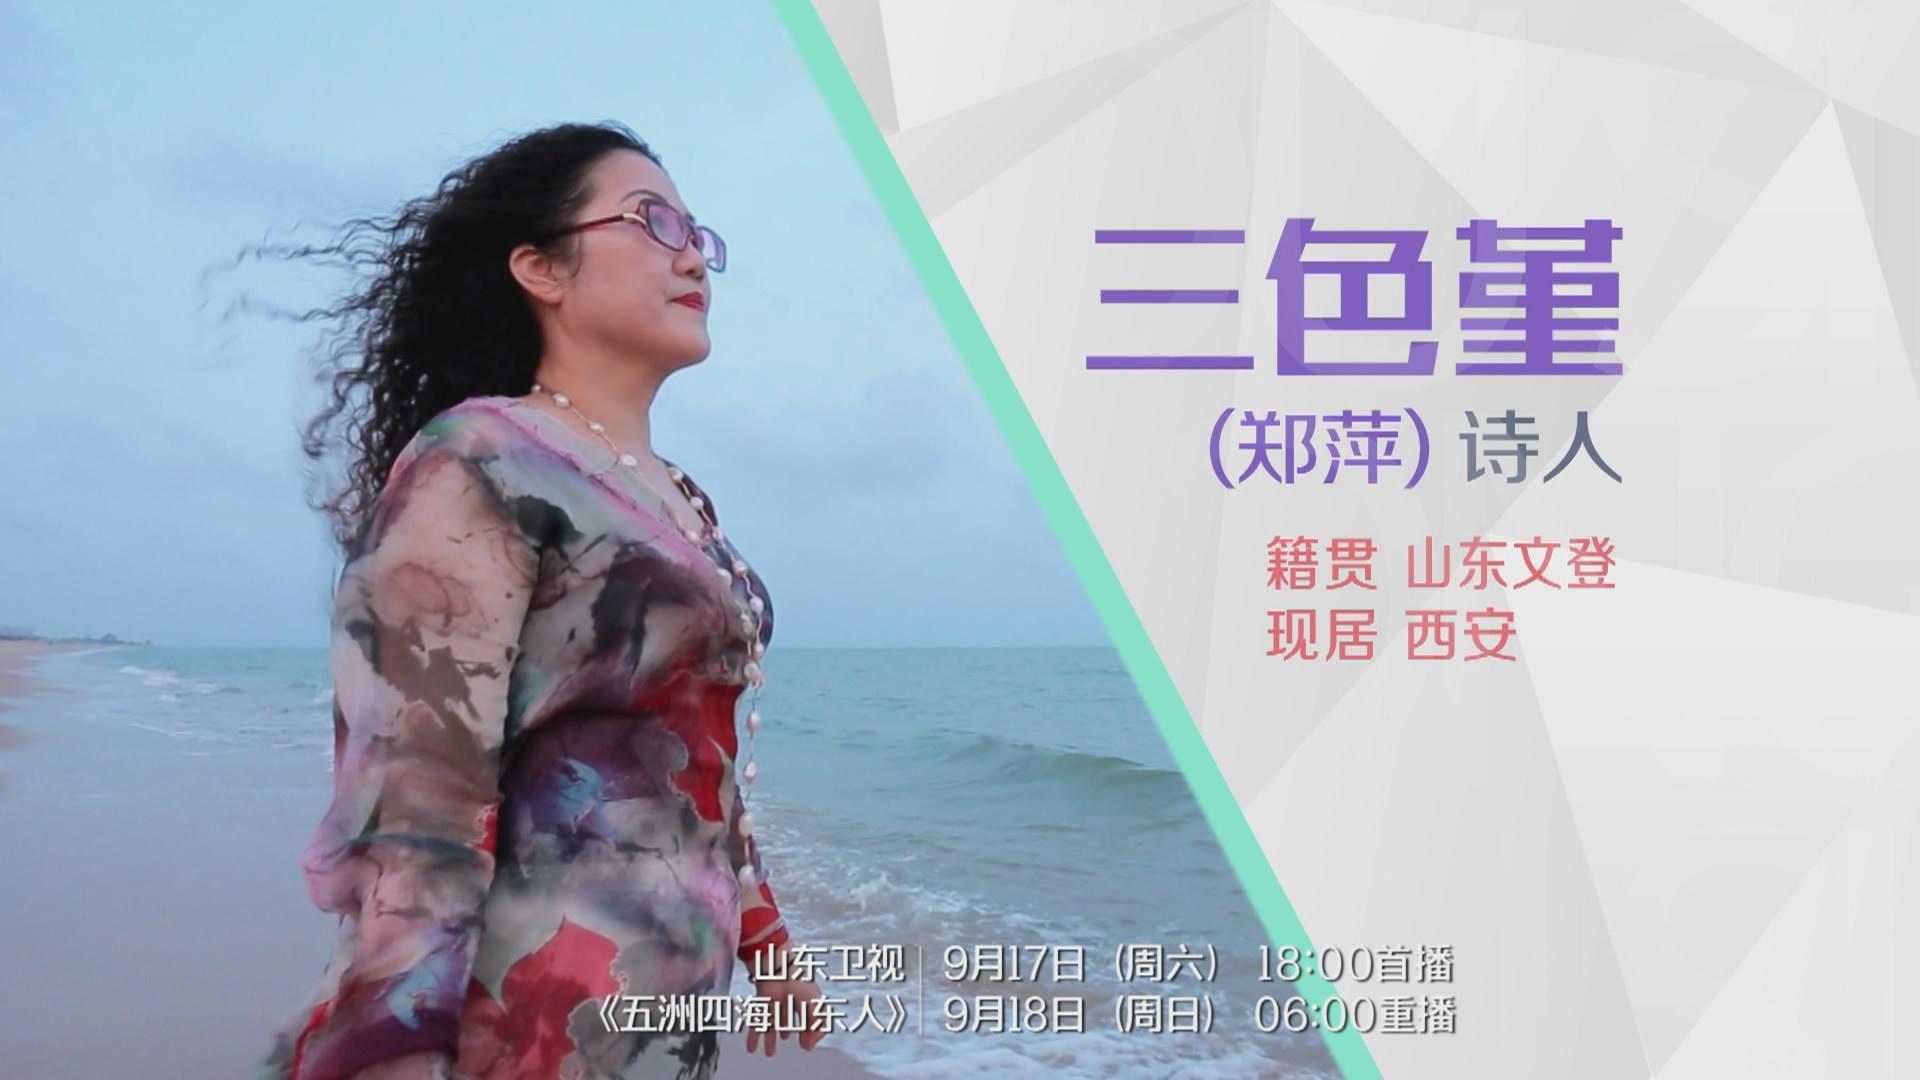 9月17日预告 | 三色堇(郑萍):吟着乡愁 行走他乡